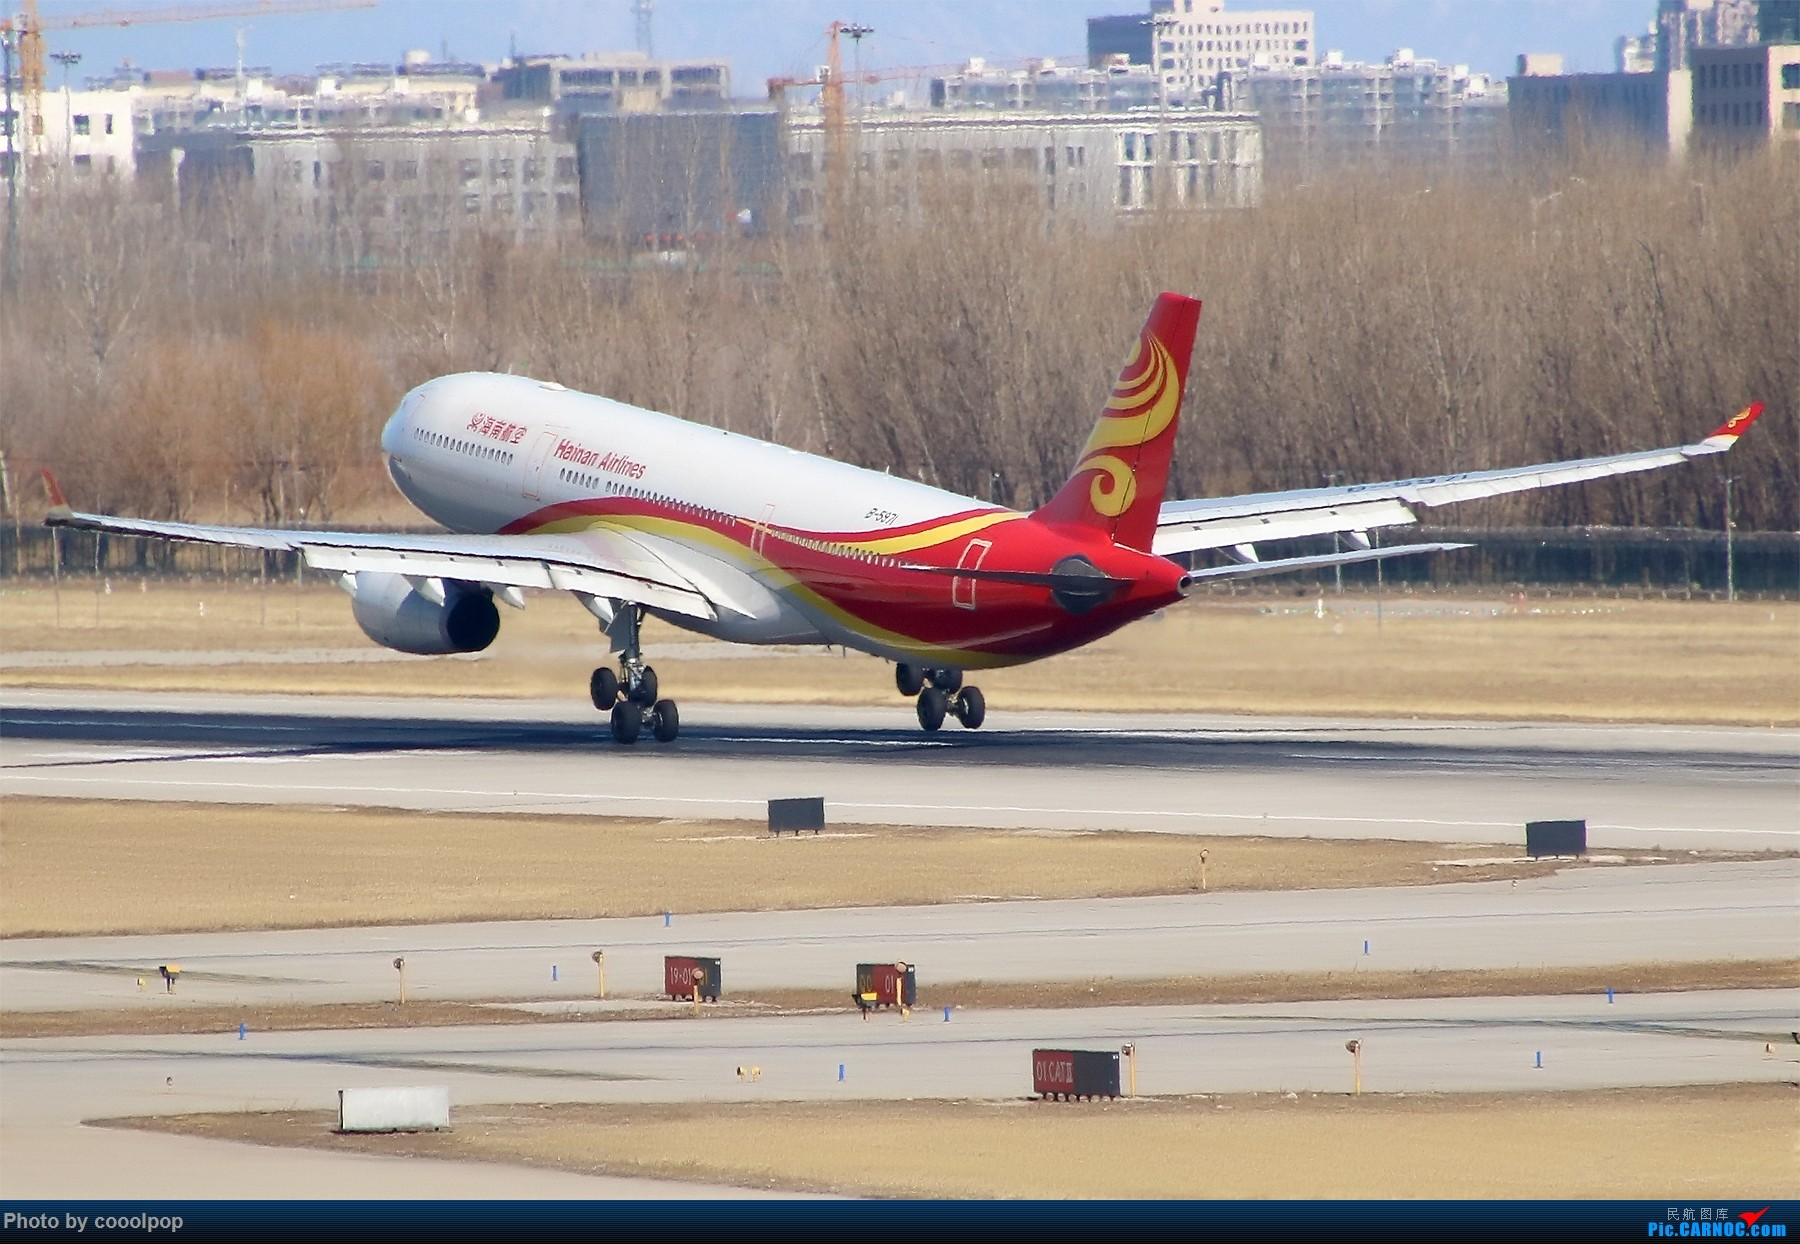 Re:[原创]PEK T3 桥上的一些大鸟!牌彩绘是要拼人品哒! AIRBUS A330-300 B-5971 中国北京首都国际机场